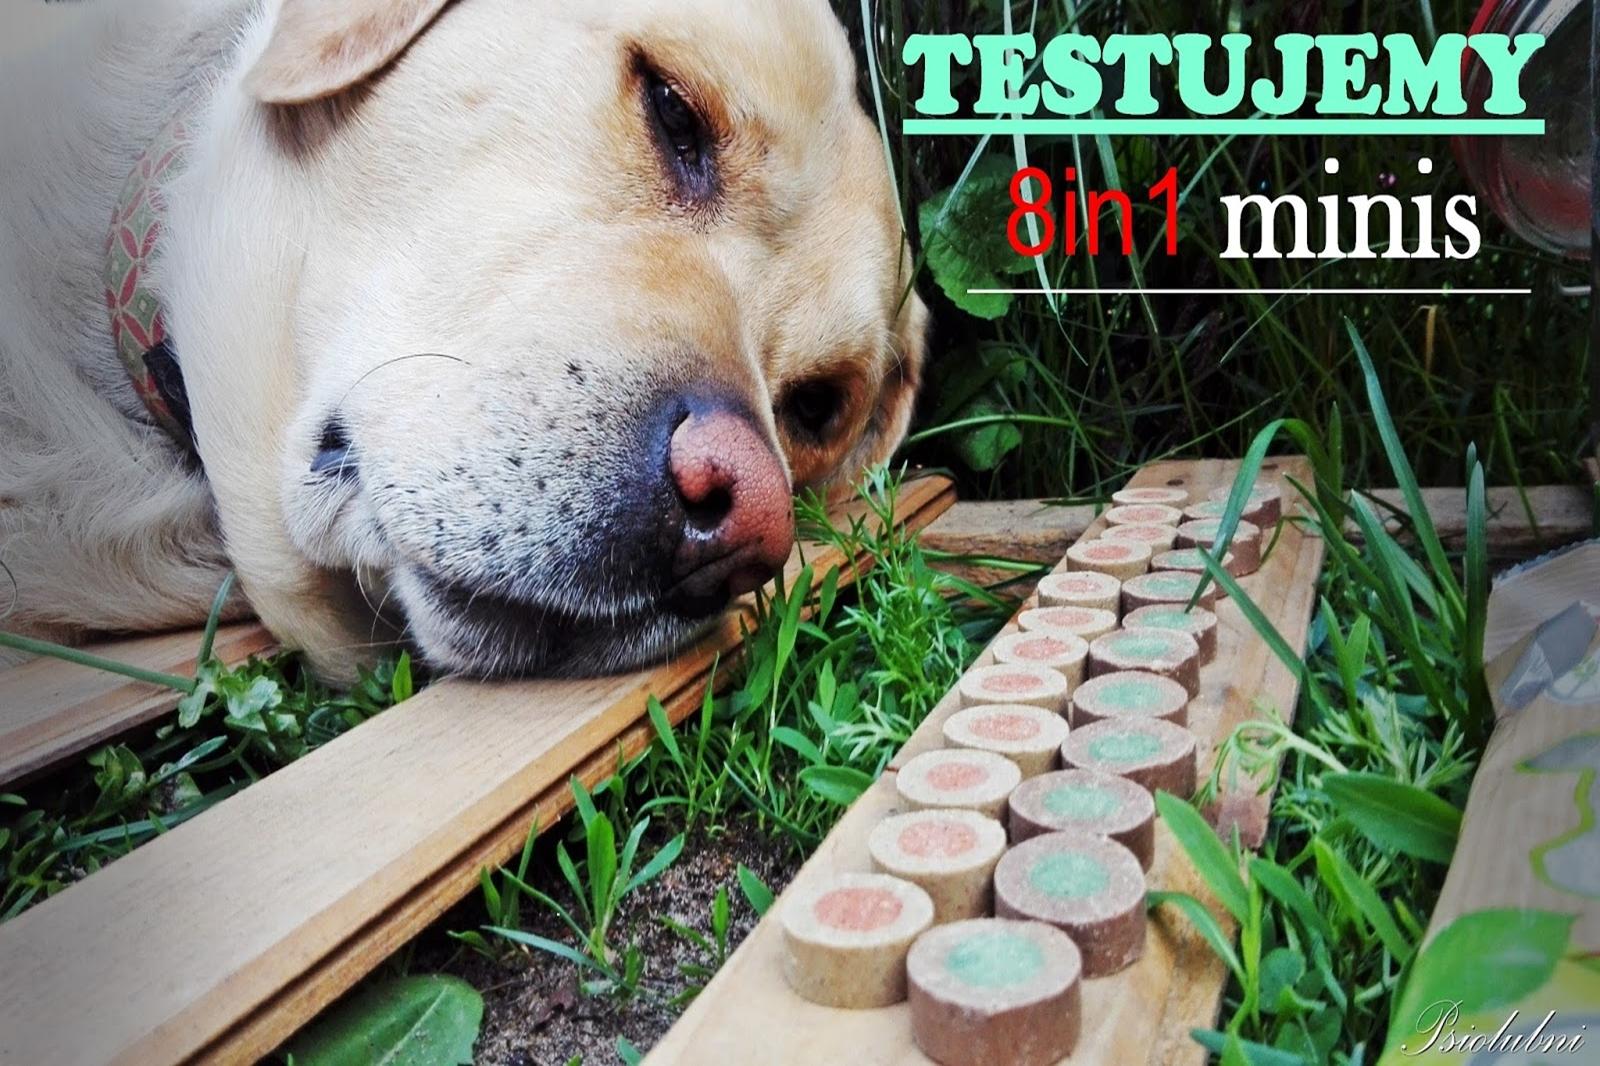 8in1, 8in1 minis, recenzja, test, recenzja przysmaków, przysmaki dla psa, top for dog, psiolubni,